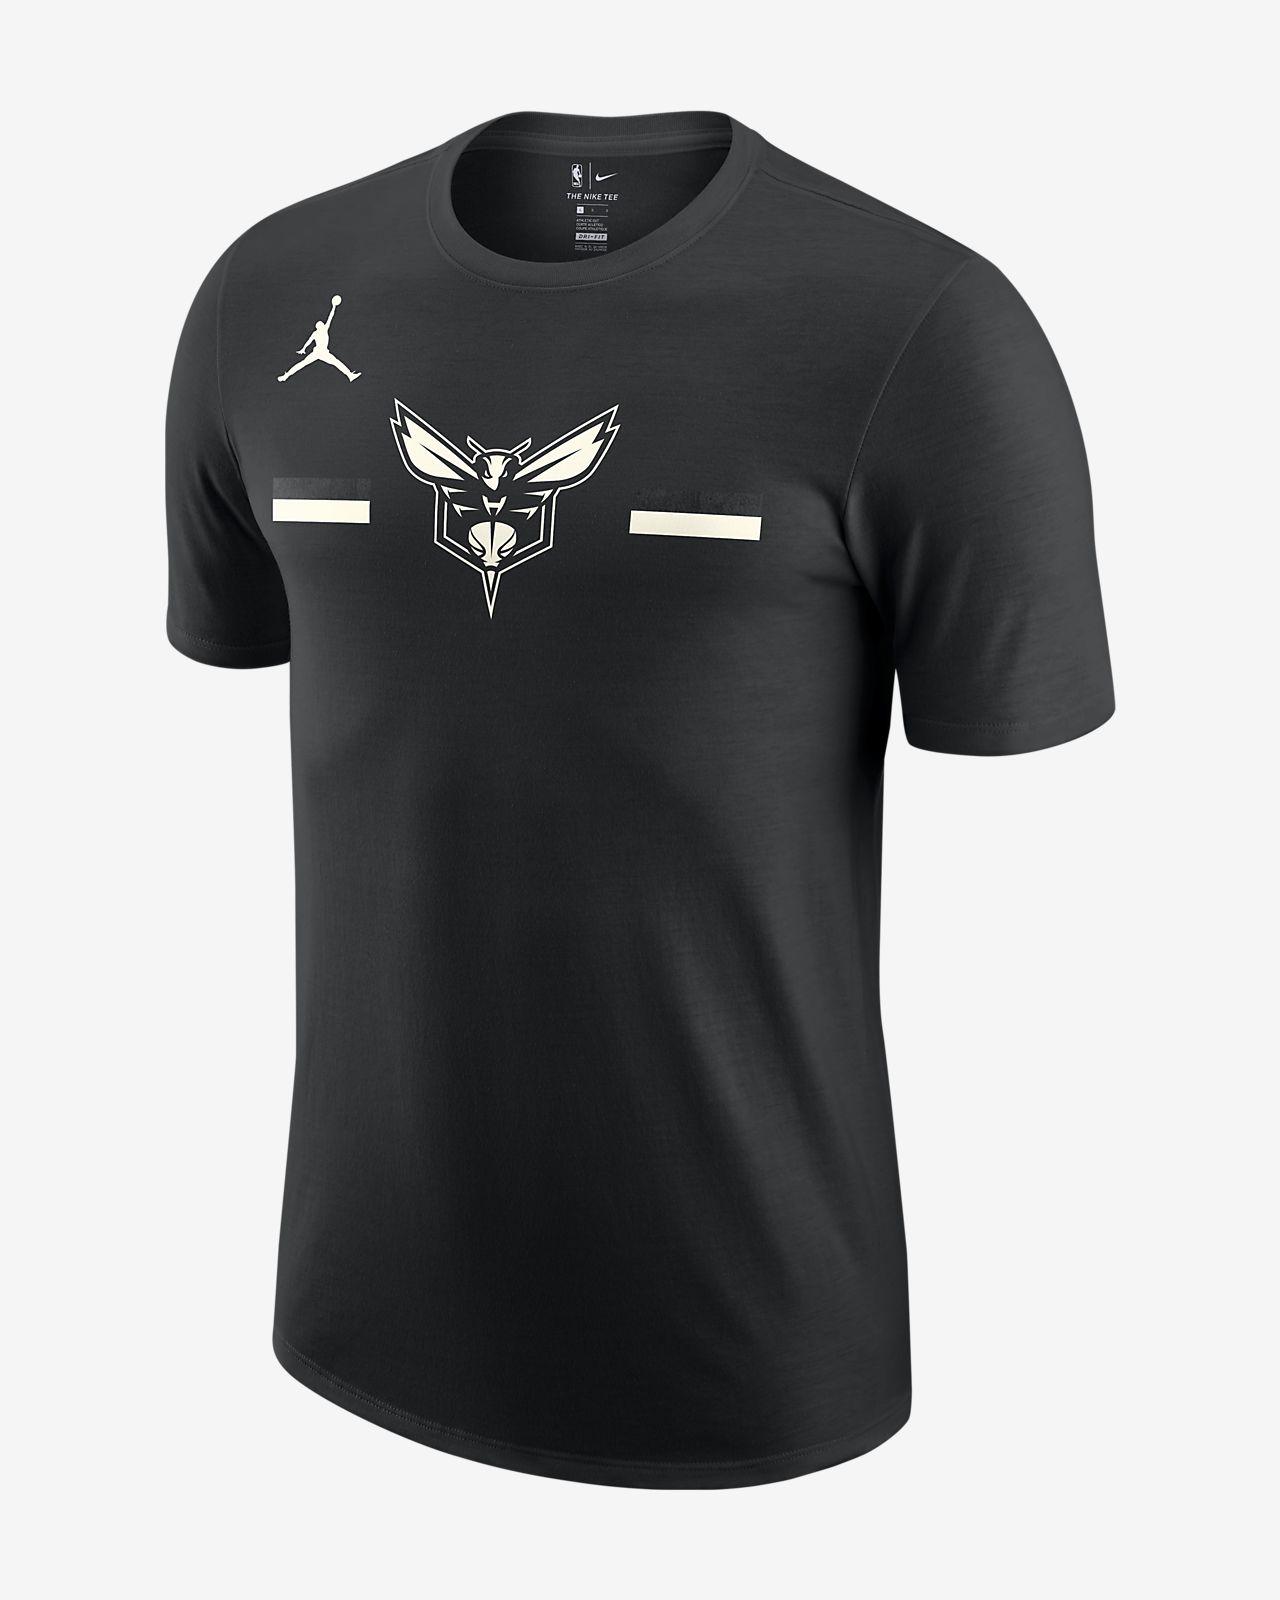 ed242e41c674 Charlotte Hornets Jordan Dri-FIT Men s NBA T-Shirt. Nike.com